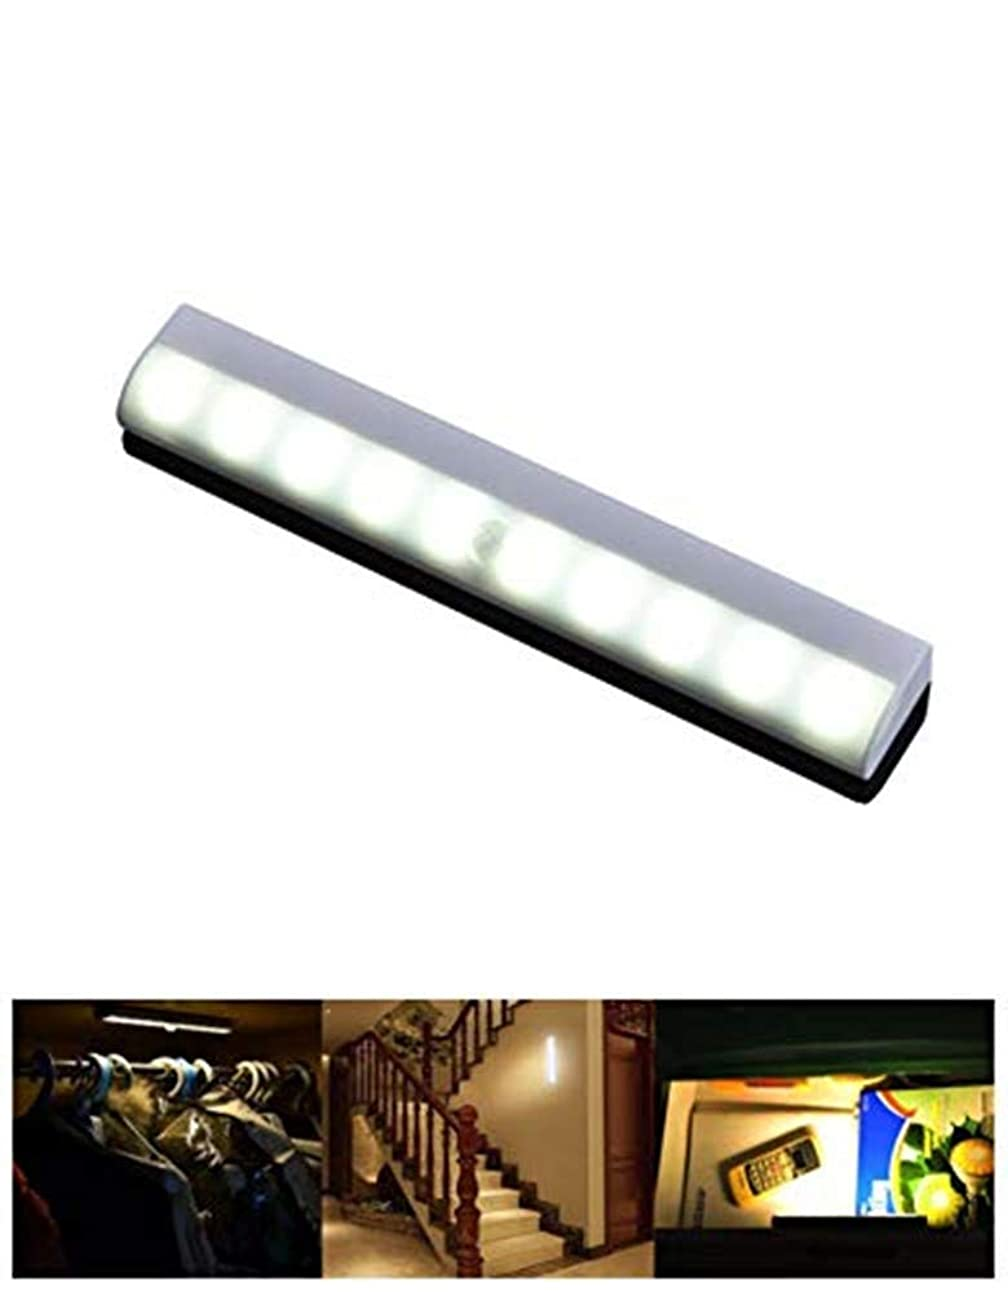 弾丸書士投獄センサーライト 10 LEDランプ 乾電池式 貼り付け型 廊下 階段の上下 1個入